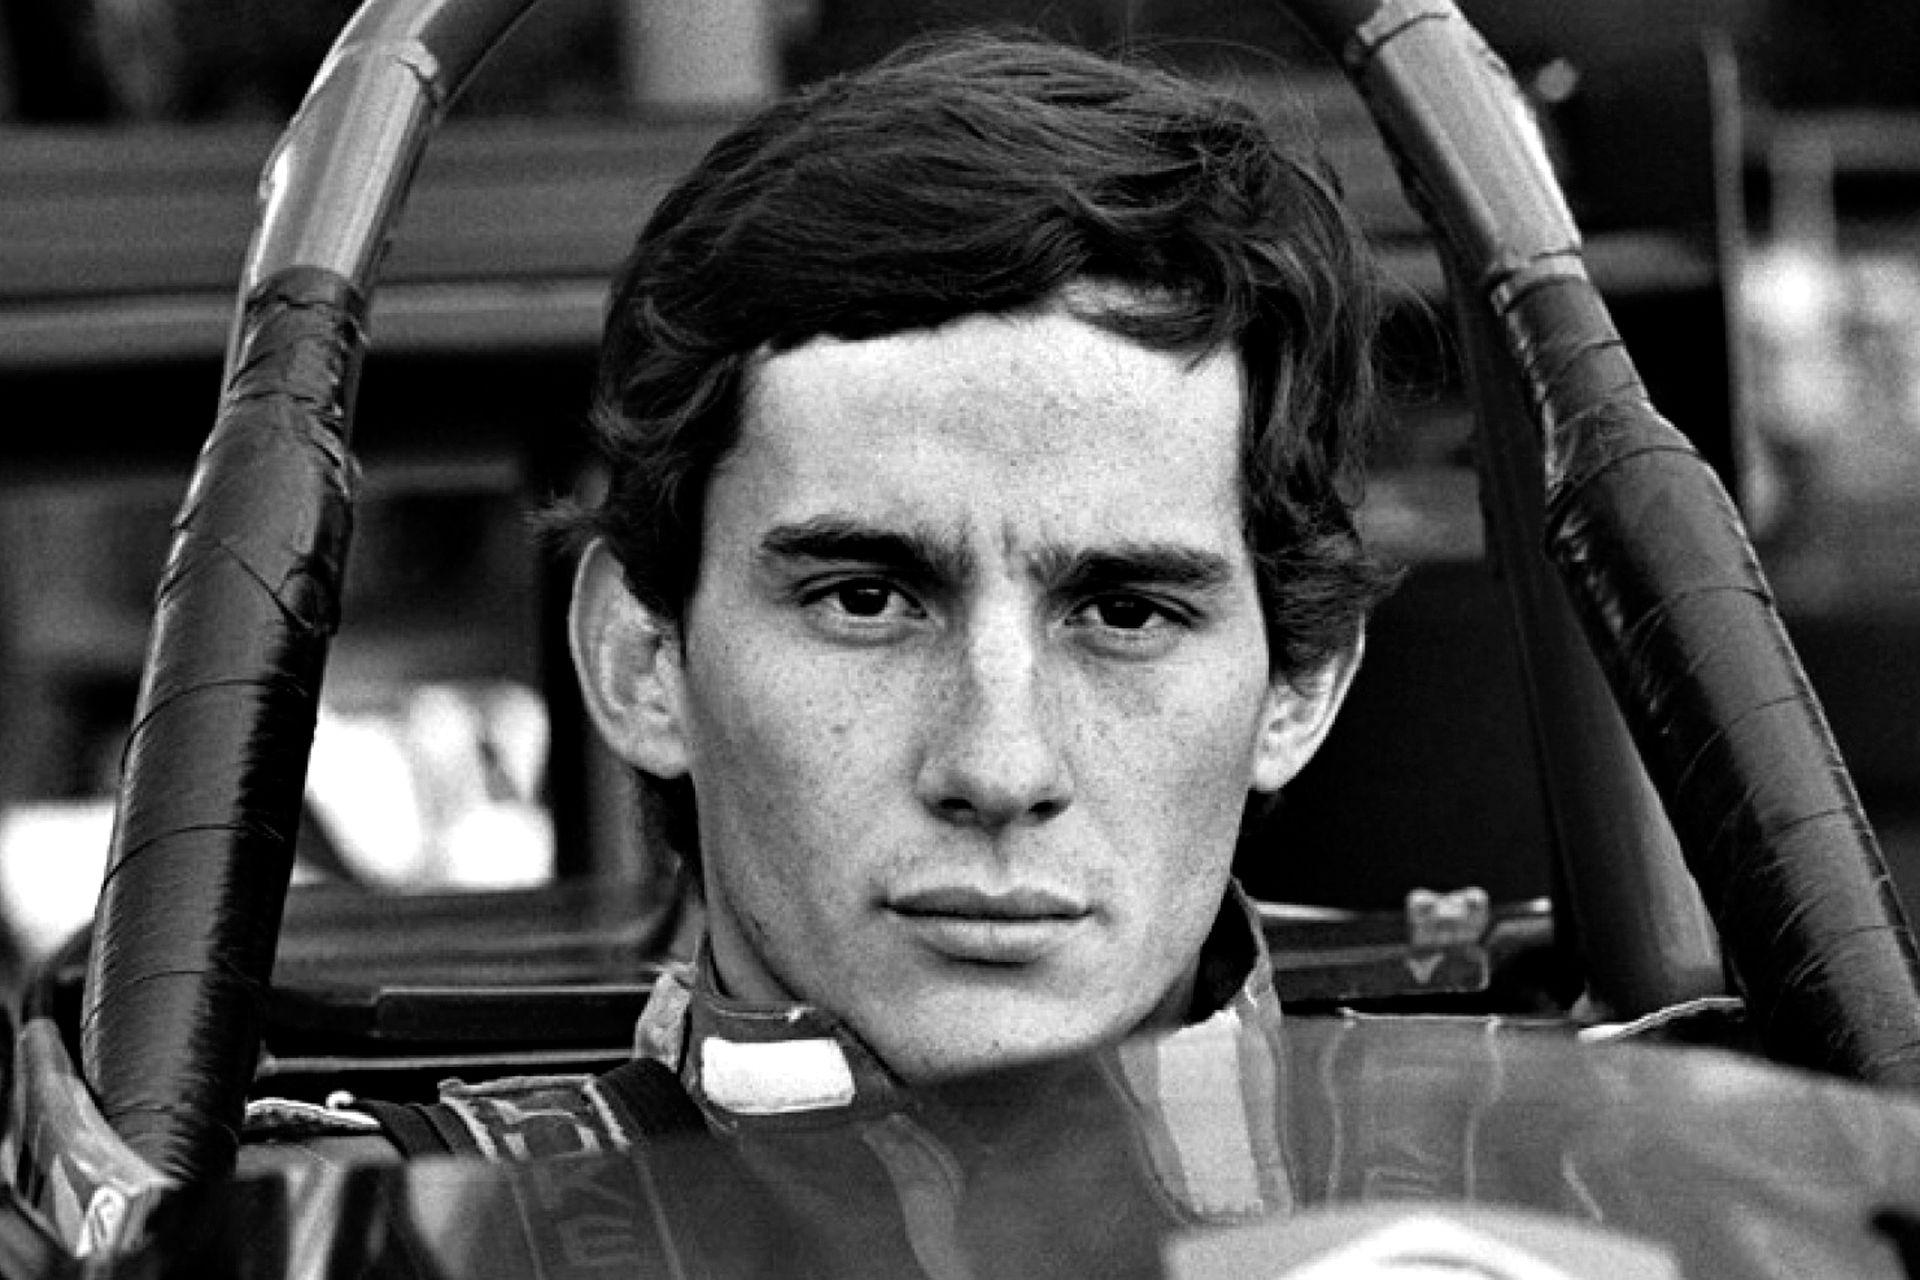 El piloto brasileño Ayrton Senna en el campeonato de Formula Ford 2000, en Dinamarca en el año 1982. Hoy se cumplen 25 años de su muerte durante una carrera de Fórmula 1 en el circuito italiano de Ímola